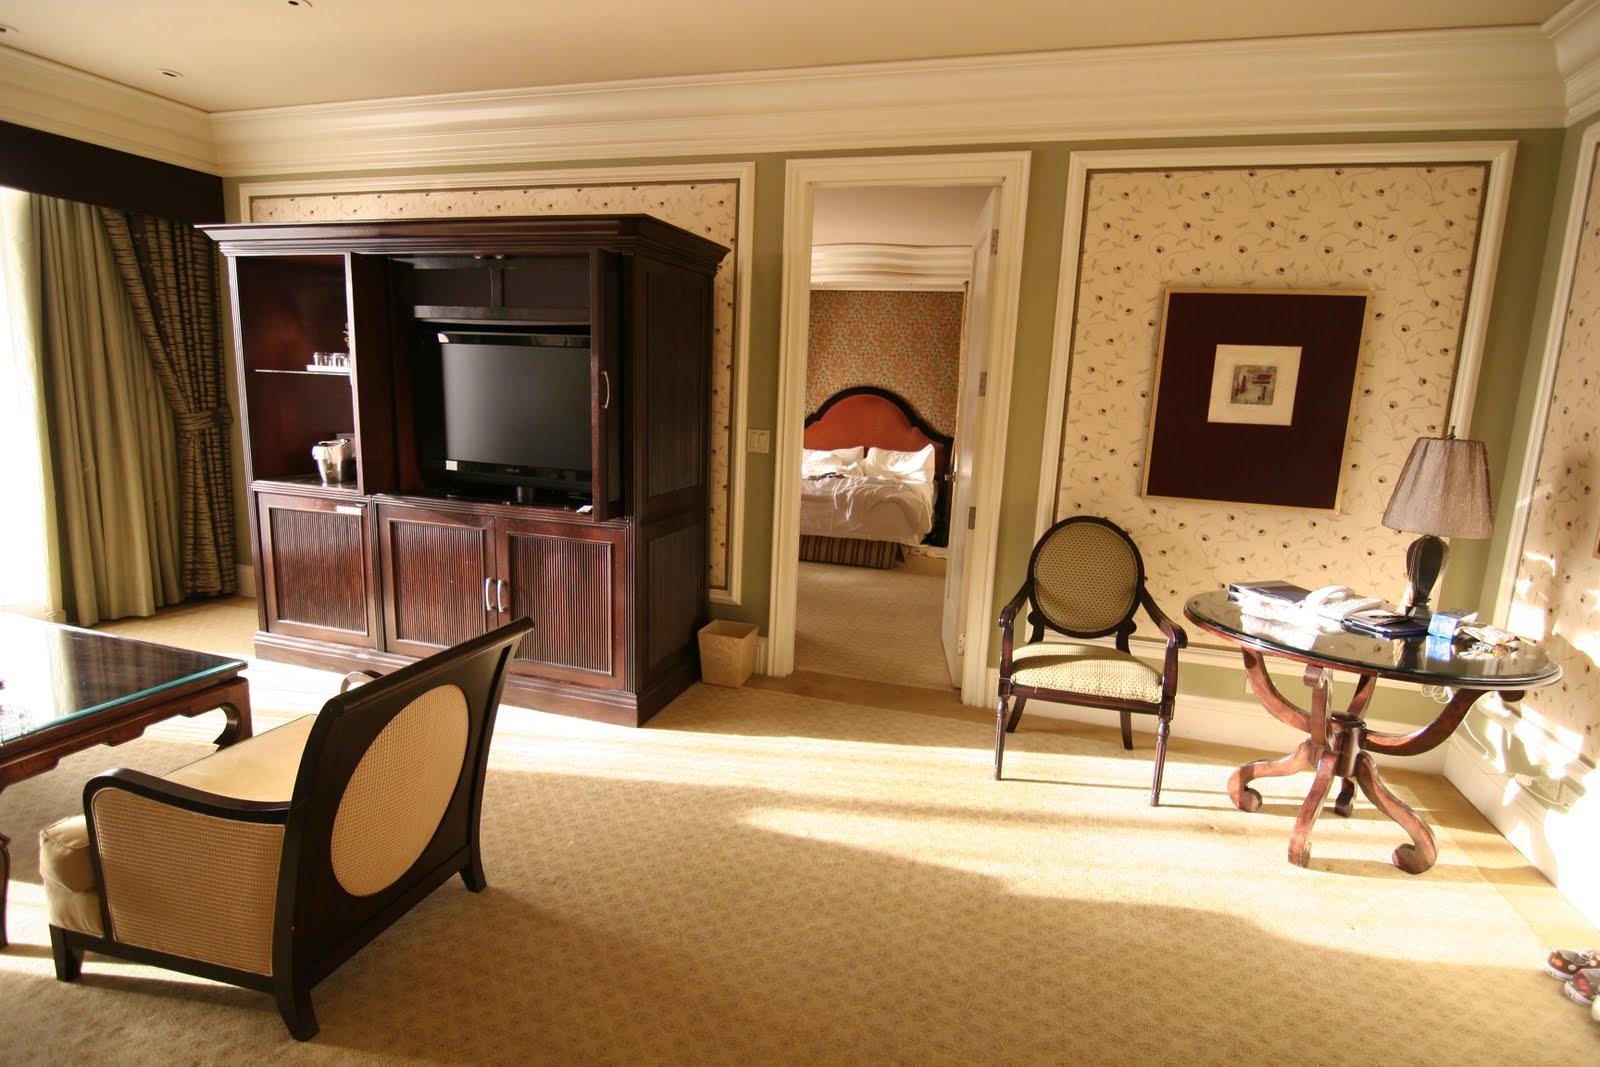 Pesquisar é Tão Bom Qto Viajar Las Vegas UpGrade  ~ Upgrade Quarto Hotel